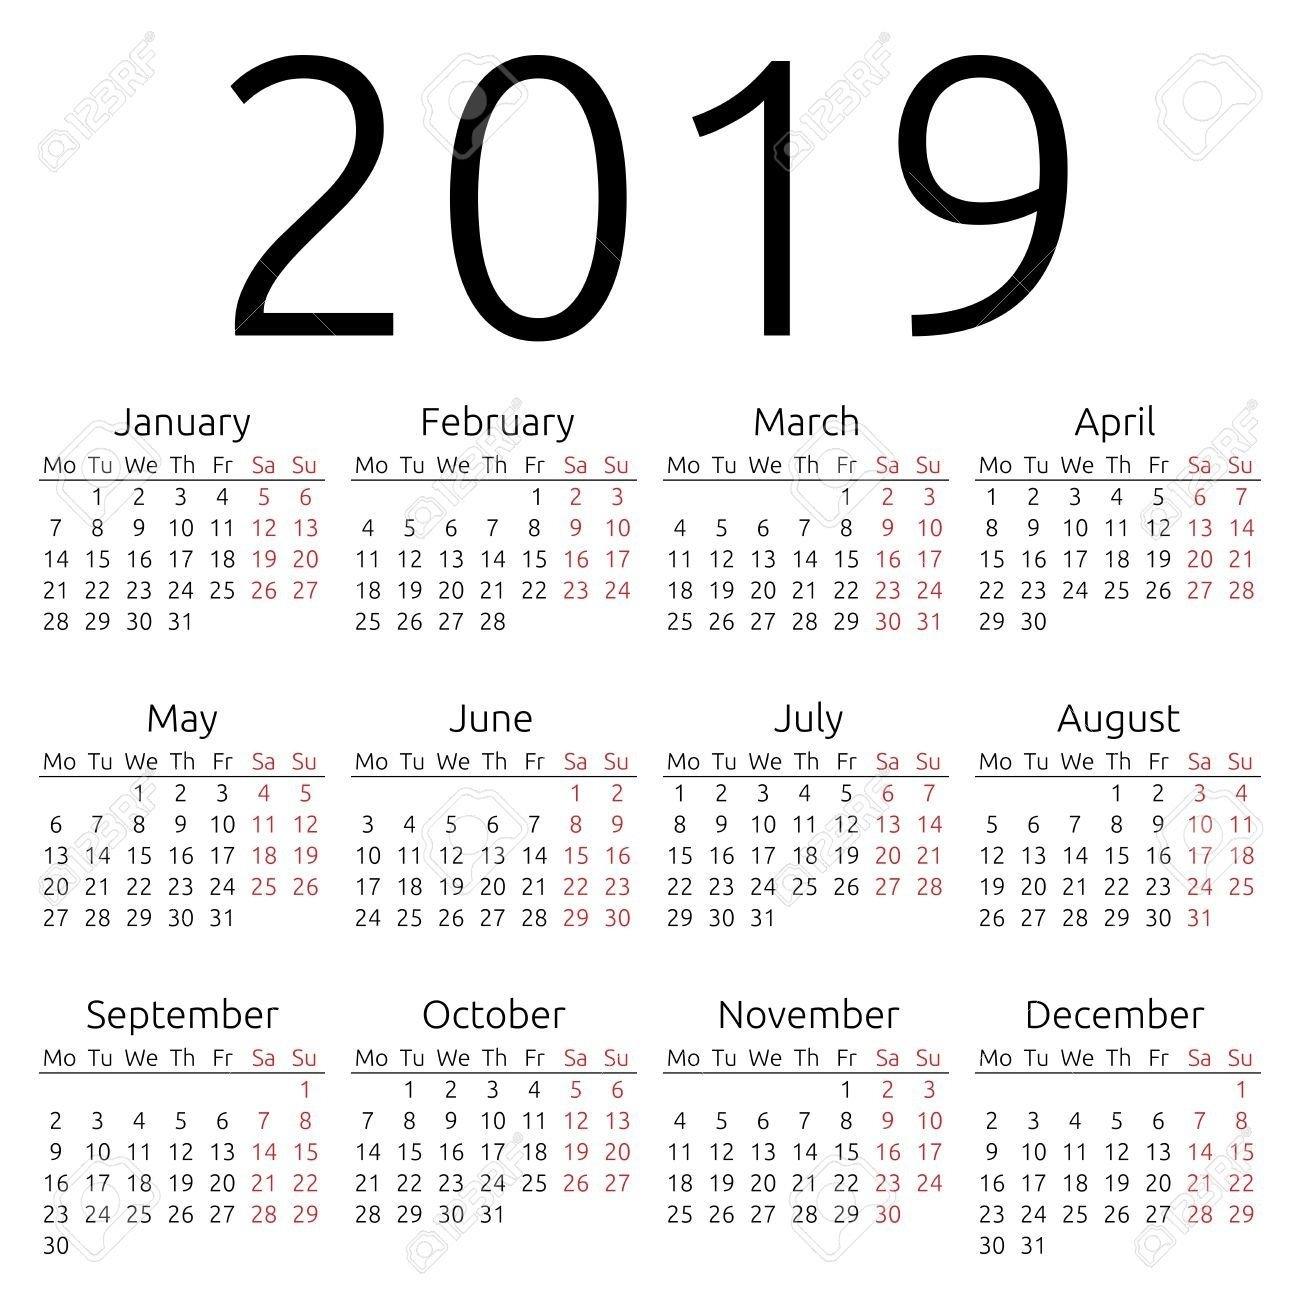 Calendar 2019 Hong Kong | Free Coloring Pages Calendar 2019 Hong Kong